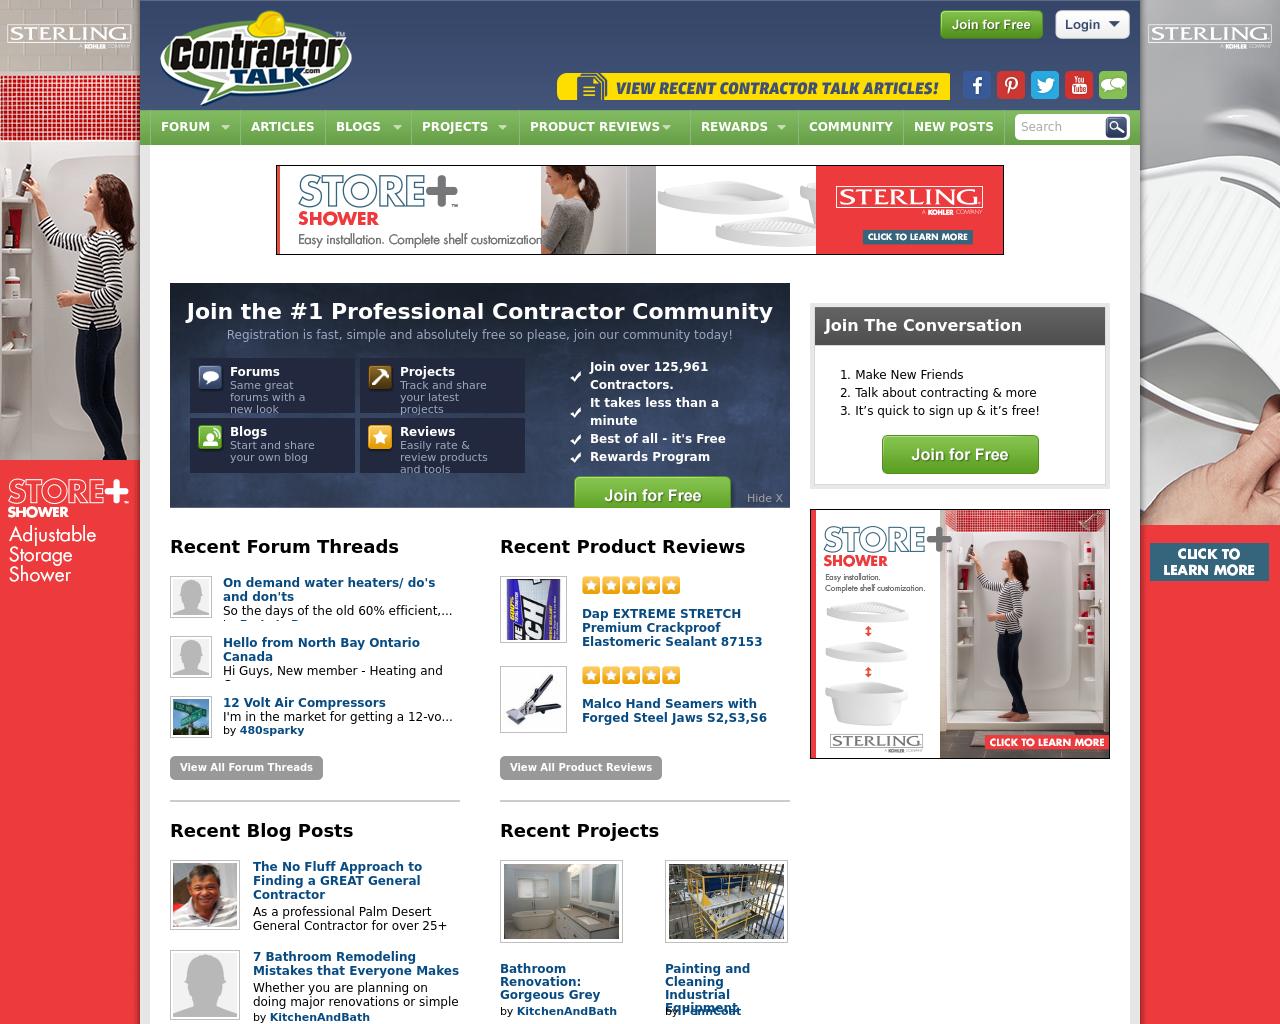 ContractorTALK.com-Advertising-Reviews-Pricing